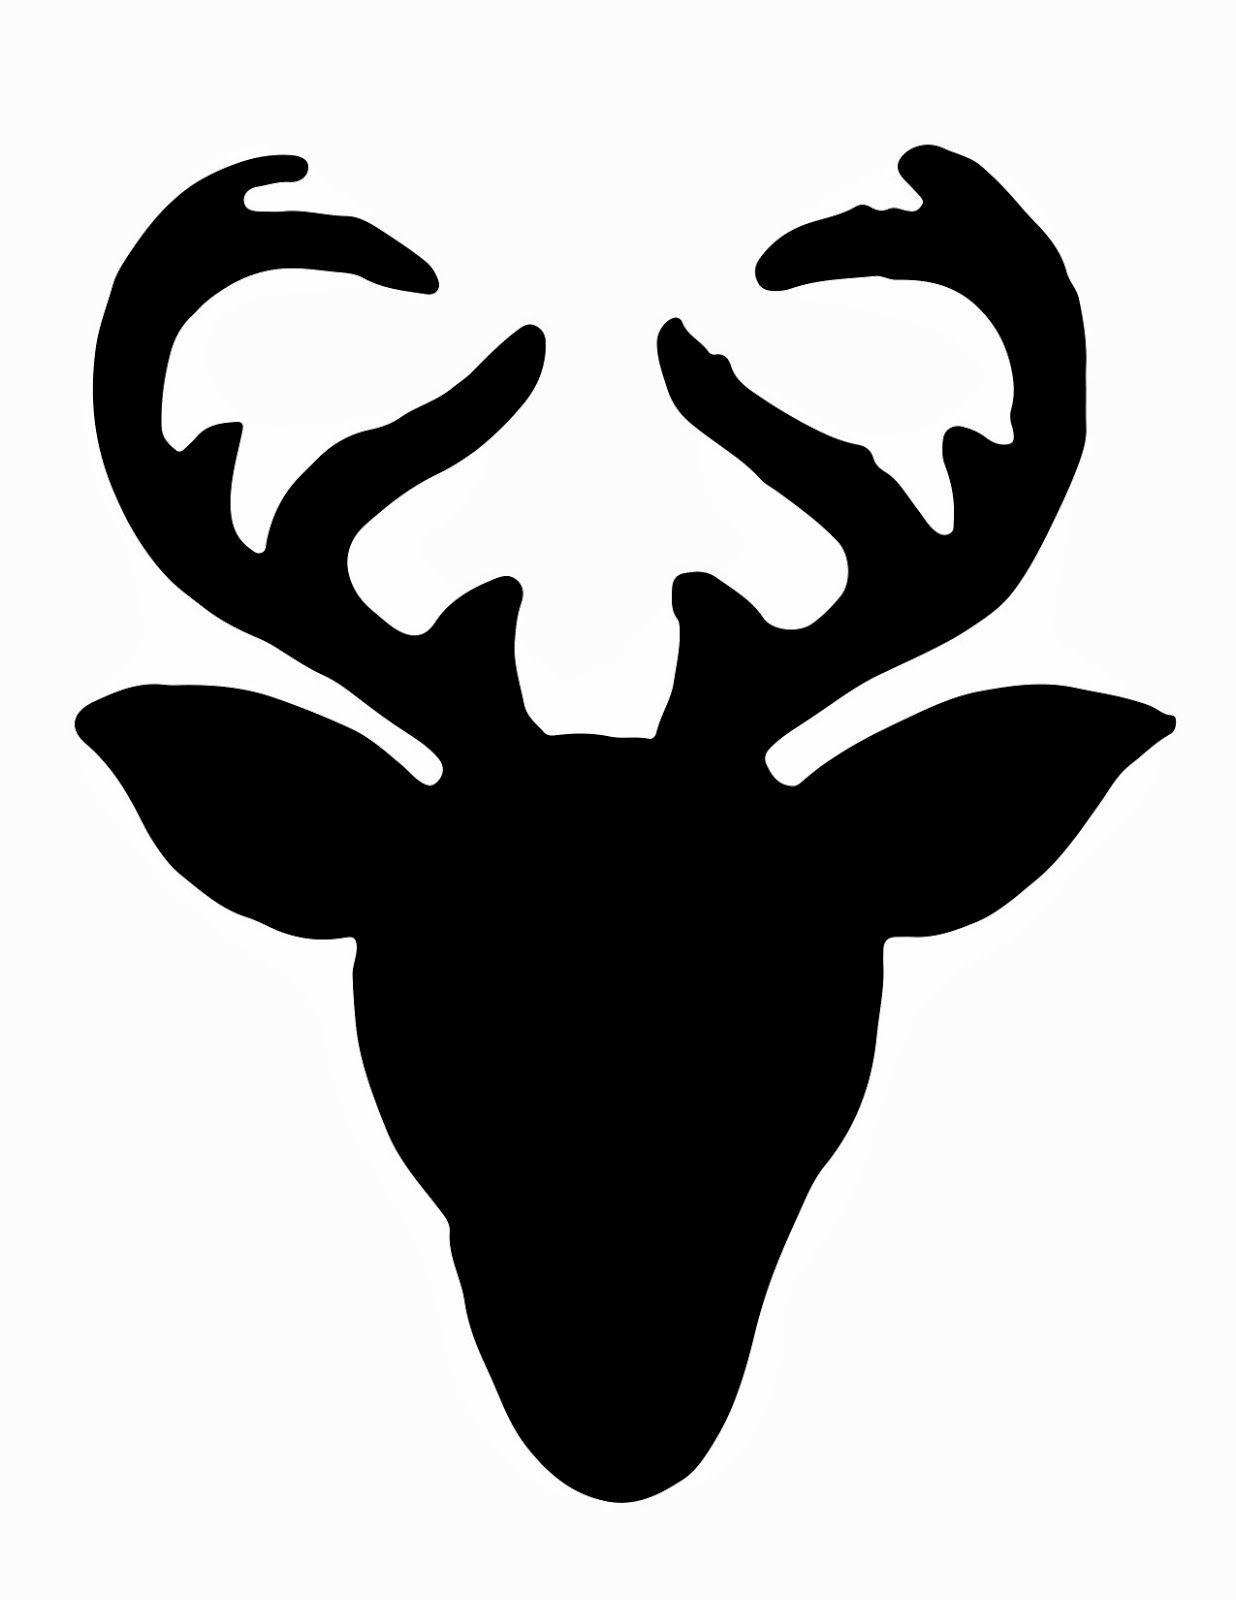 Reindeer Head Silhouette.